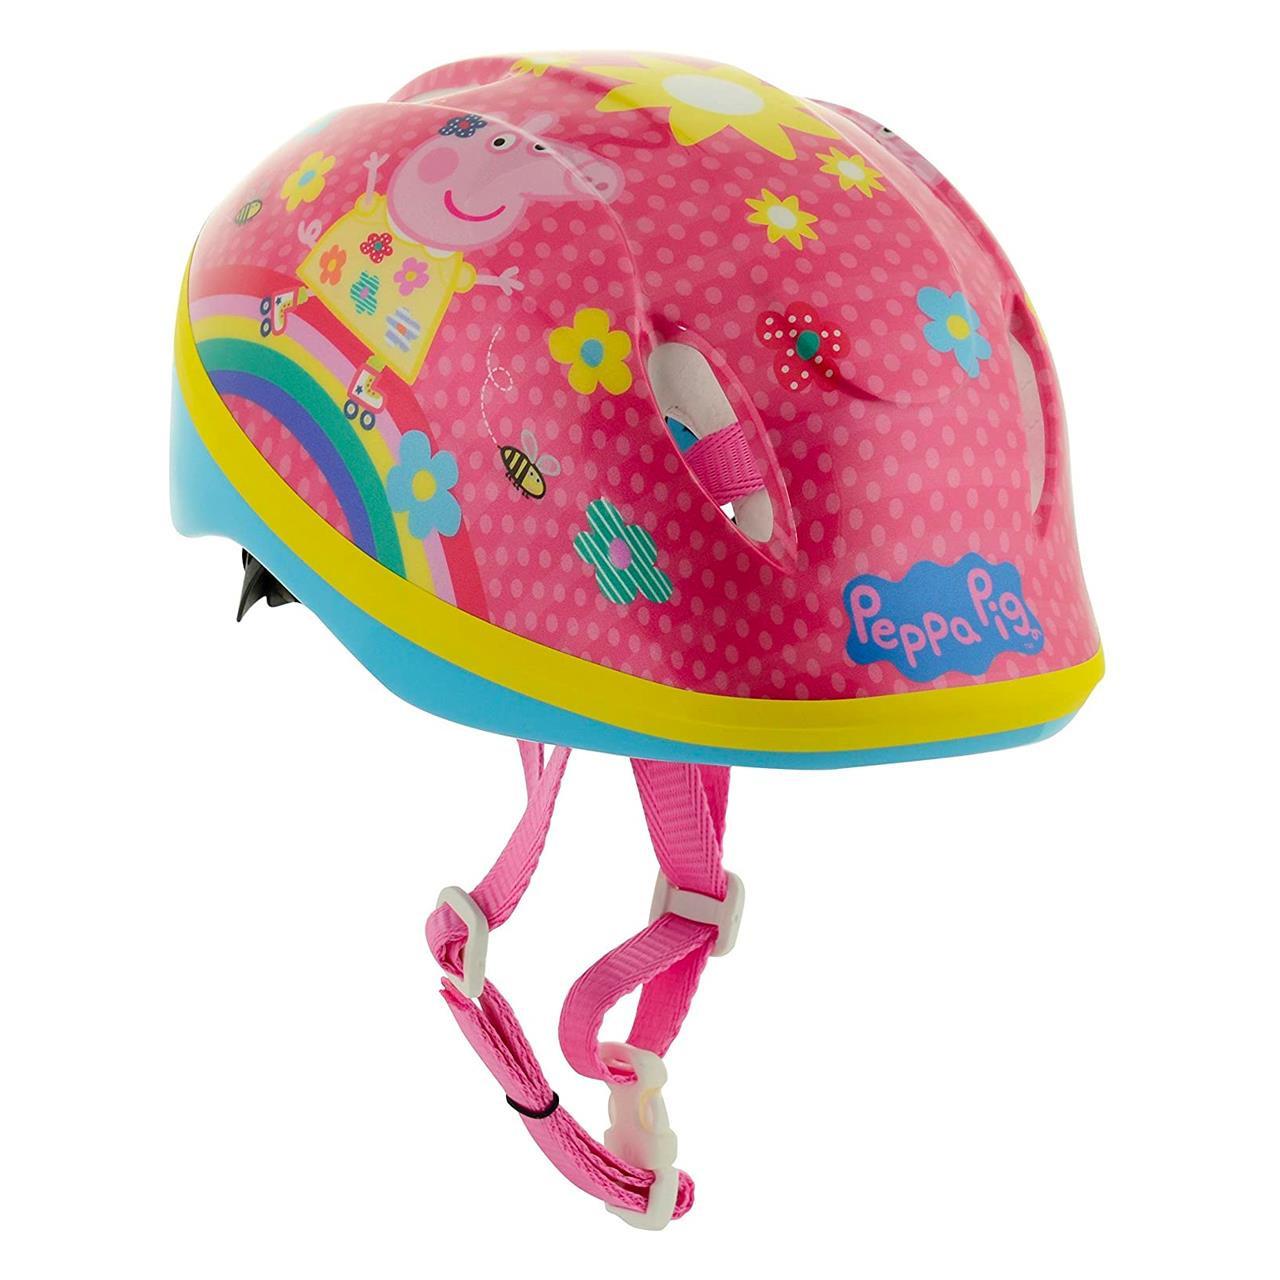 Peppa Pig Kids' Helmet